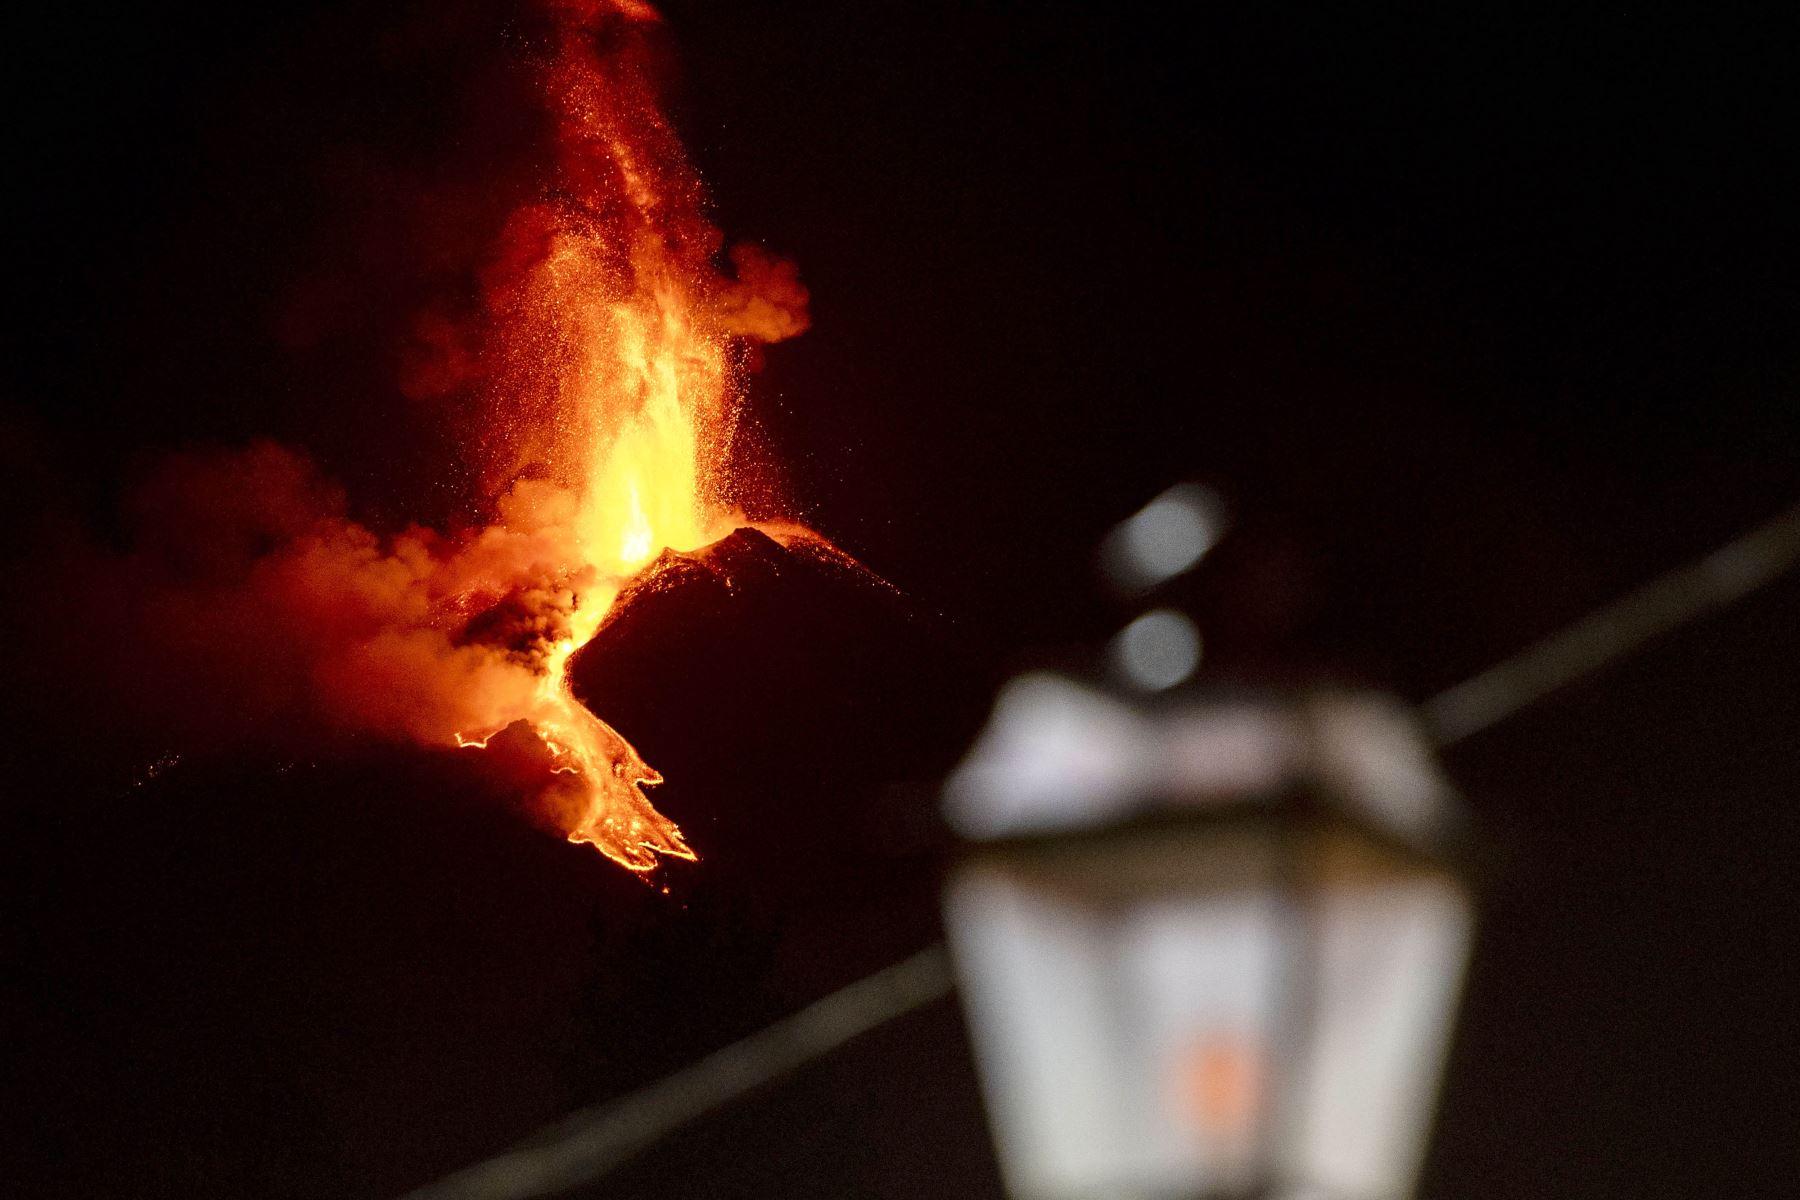 El volcán más activo de Europa, y muy cercano a la ciudad-puerto de Catania (costa este de Italia), ha estado con gran actividad las últimas semanas. Foto: AFP